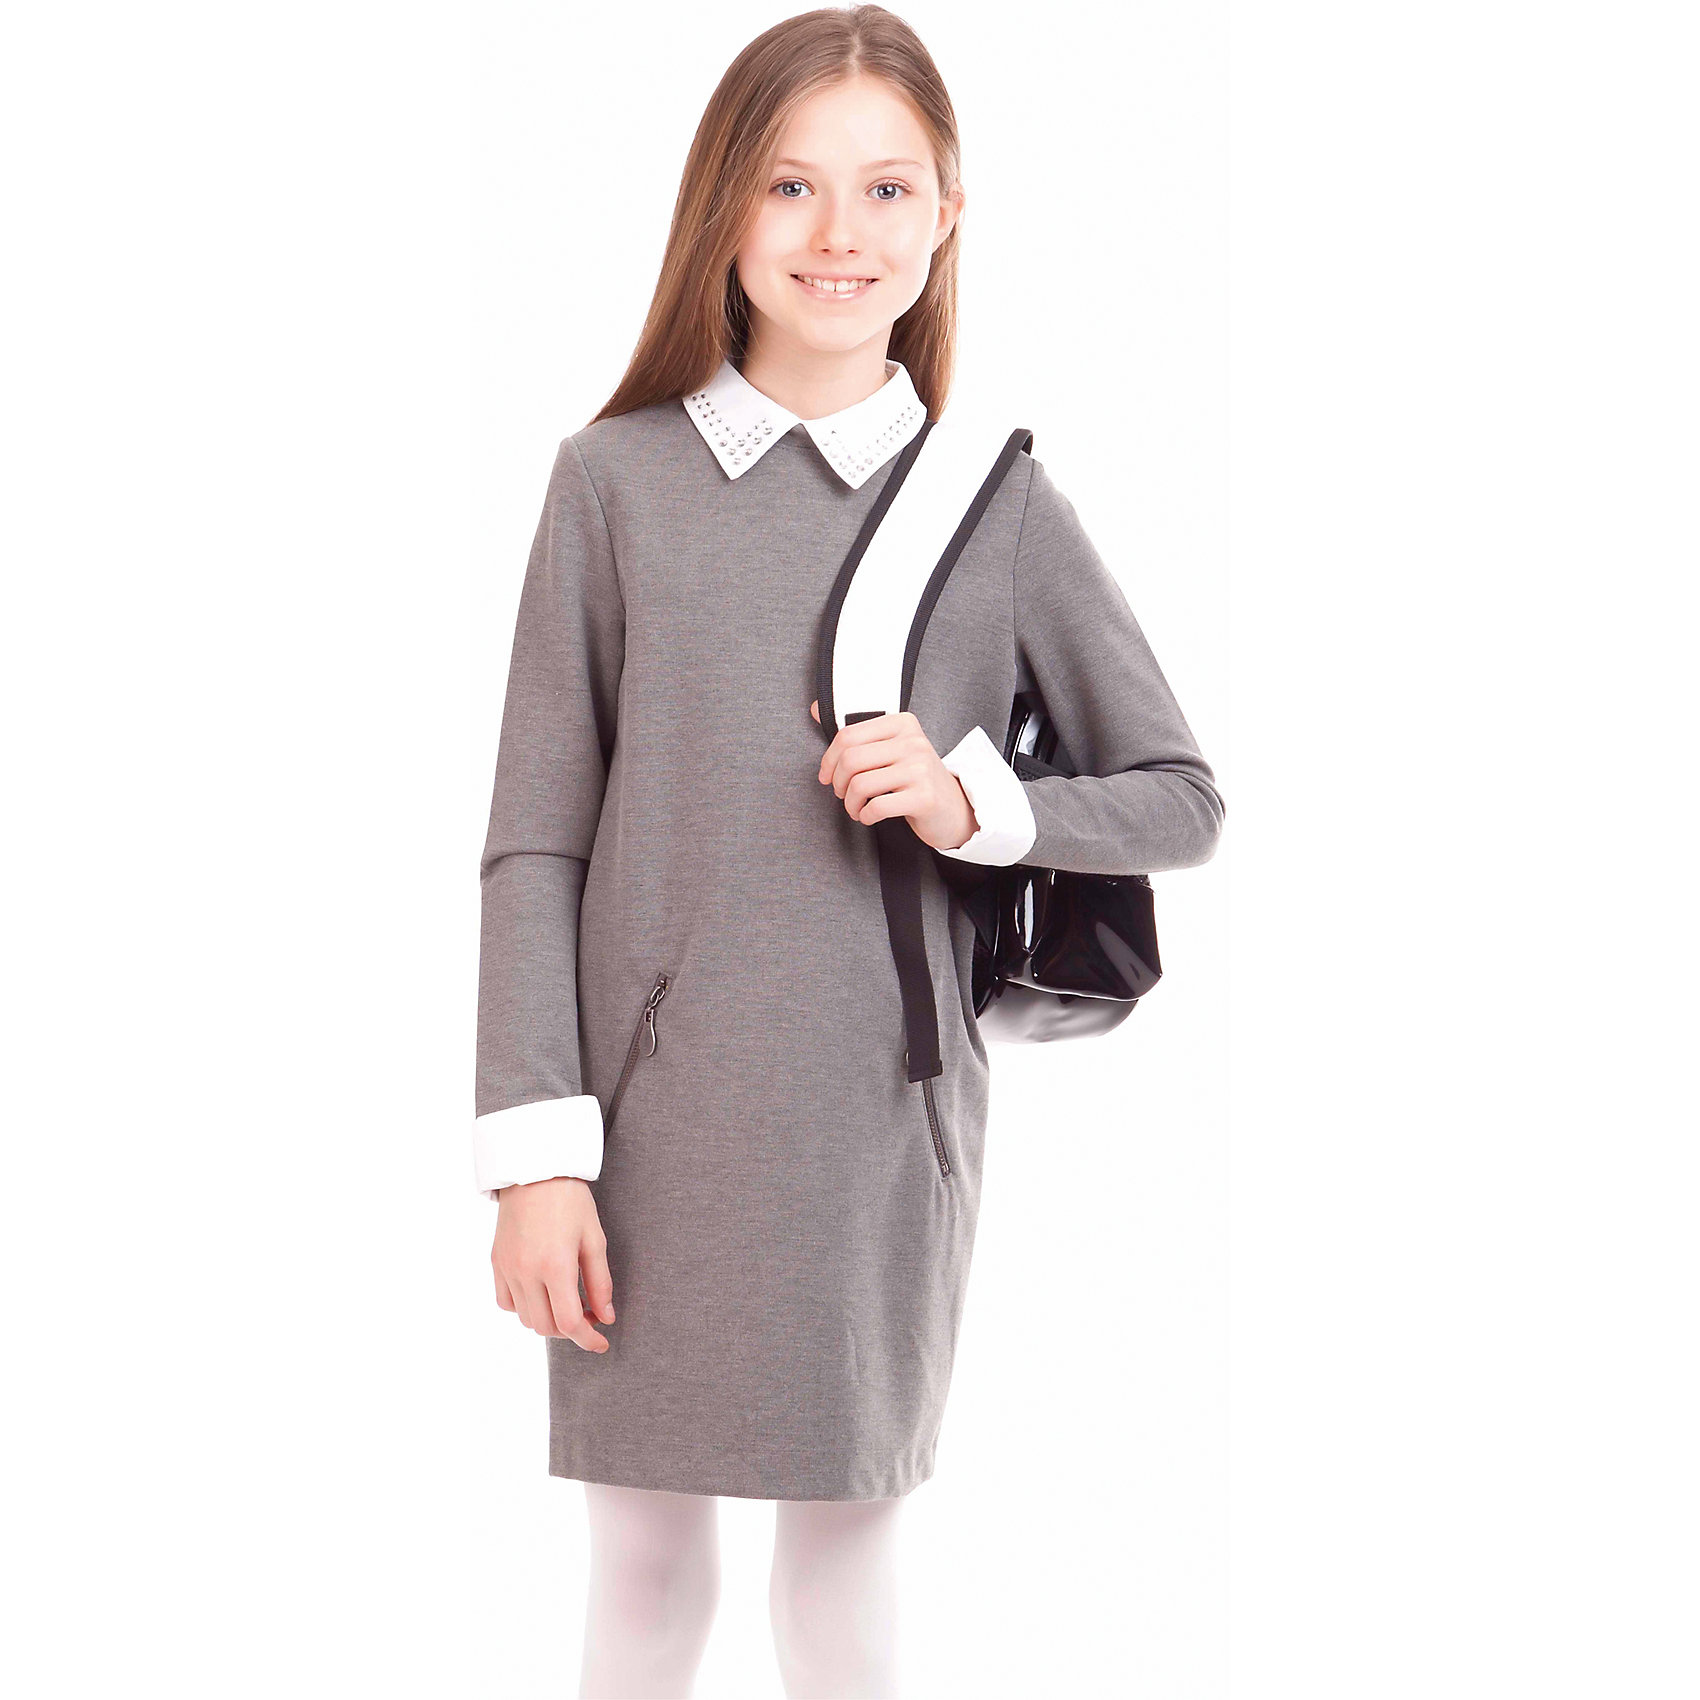 Платье GulliverПлатья и сарафаны<br>Платье для девочки от российской марки Gulliver.<br>Замечательное платье из трикотажного футера  - практичное комфортное решение на каждый день. Оно не стесняет движений,  имеет удобные карманы для хранения девичьих секретов. Съемные ворот и манжеты  упрощают уход за изделием, напоминая мамам их школьные годы, когда воротнички и манжеты нужно было отпарывать для замены. Мягкий округлый силуэт сарафана гарантирует отличную посадку на всех типах  детской фигуры. Состав и плотность трикотажного полотна придают ощущение добротности, долговечности вещи.<br>Состав:<br>72% полиэстер 24% вискоза             4% эластан<br><br>Ширина мм: 236<br>Глубина мм: 16<br>Высота мм: 184<br>Вес г: 177<br>Цвет: серый<br>Возраст от месяцев: 72<br>Возраст до месяцев: 84<br>Пол: Женский<br>Возраст: Детский<br>Размер: 140,152,158,146,134,128,122,164<br>SKU: 4174849